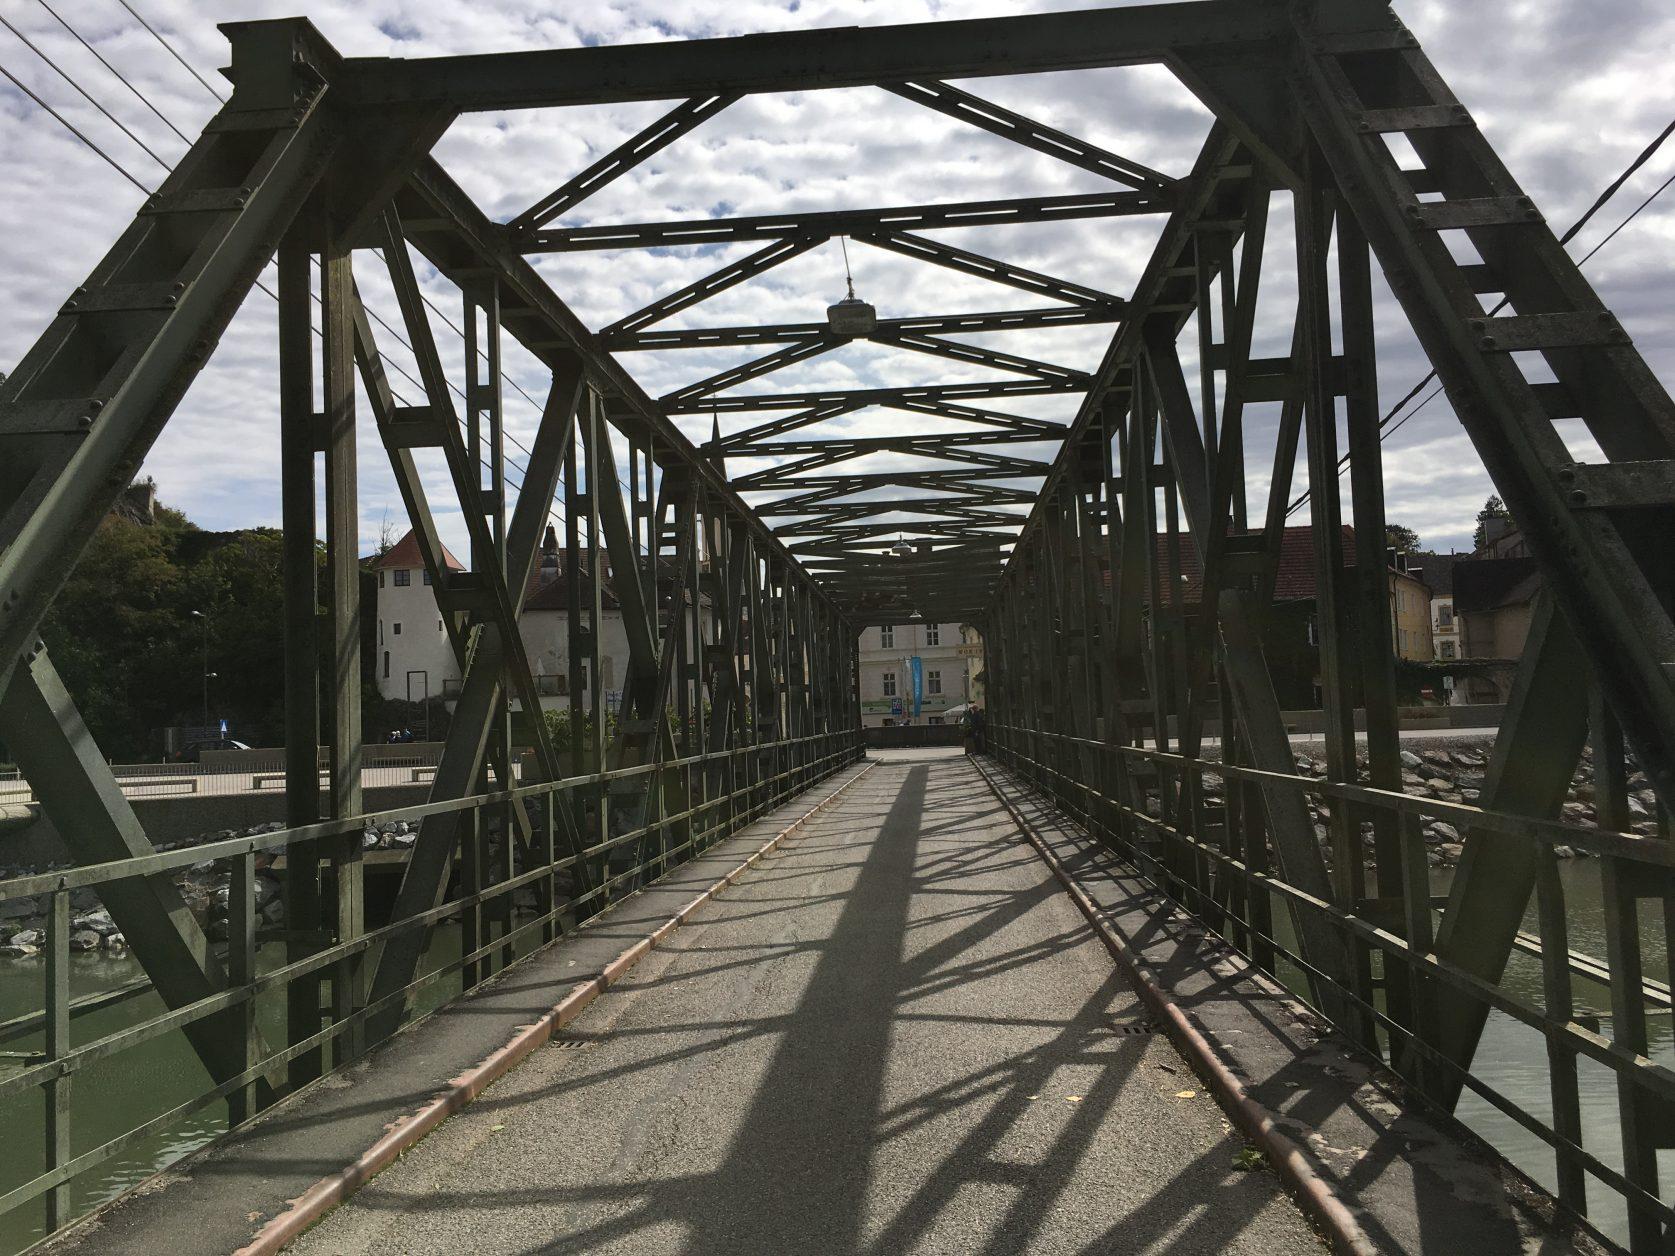 Vom Schiffsanleger wenige hundert Meter über diese Brücke dann kommt Melk mit dem Stift, Foto: Weirauch